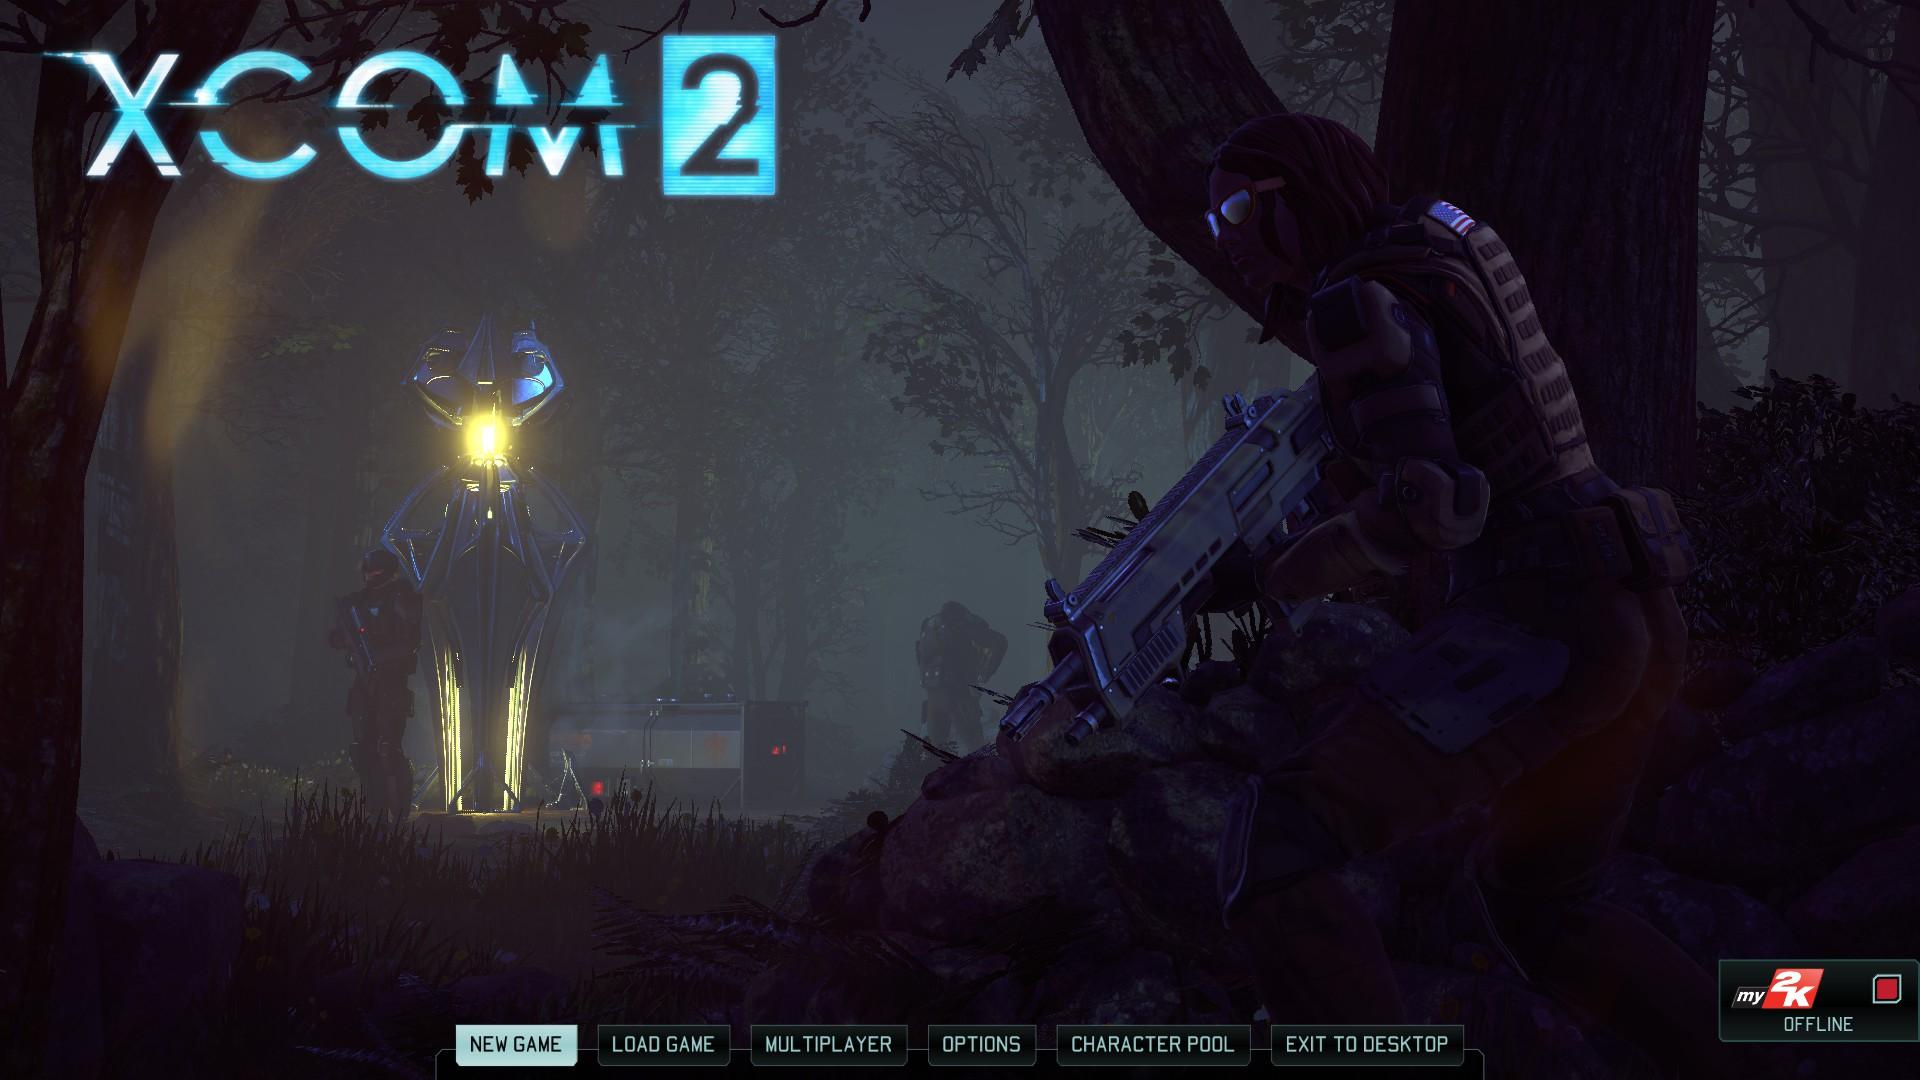 Review: X-COM 2